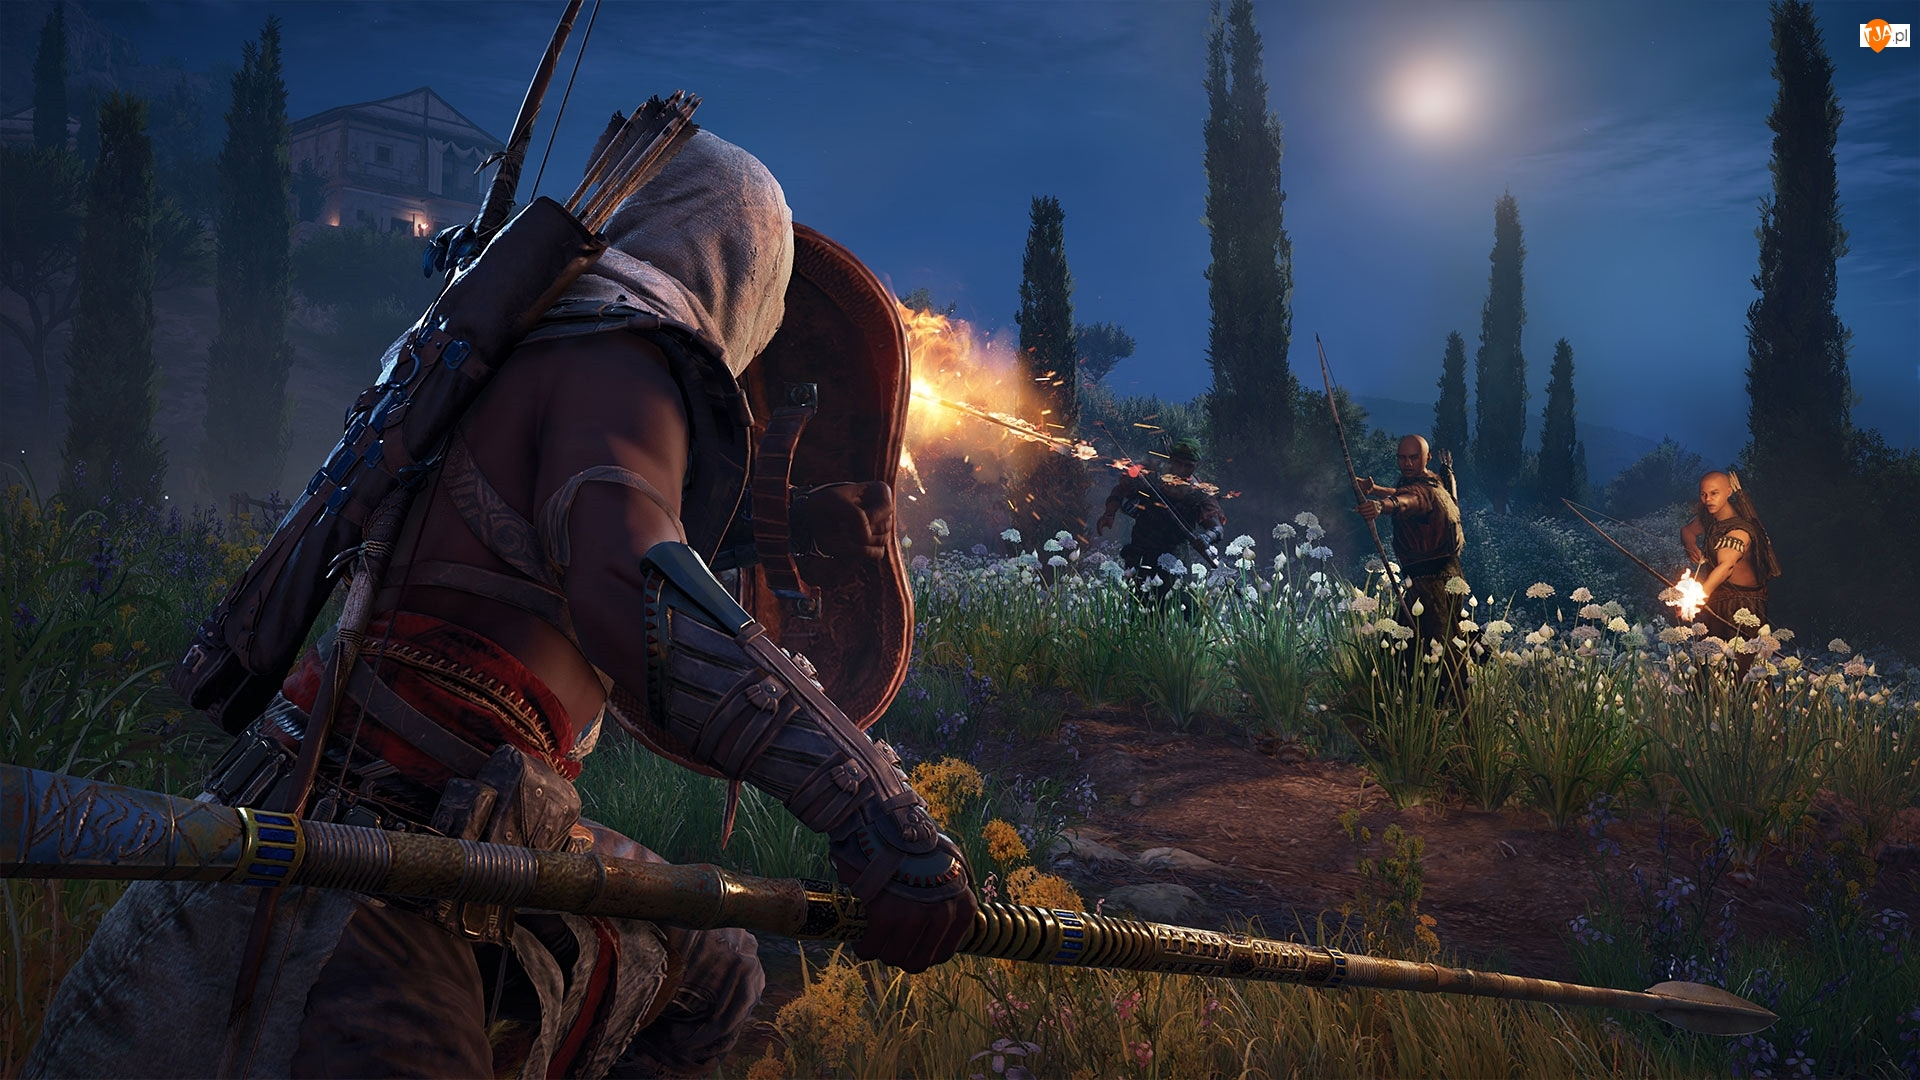 Walka, Gra, Bayek, Assassins Creed Origins, Łuk